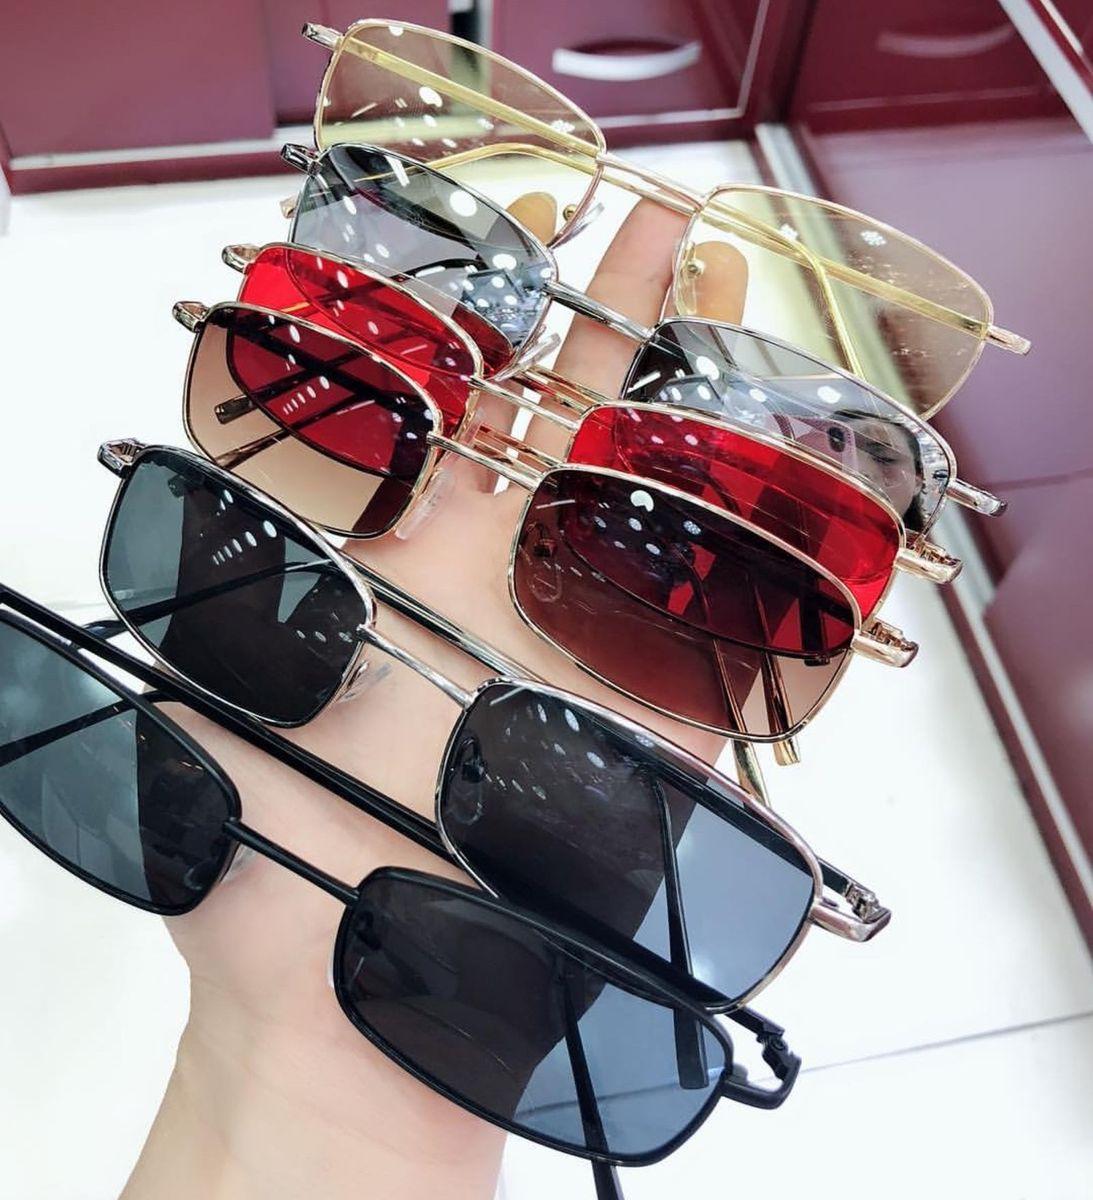 bem blogueirinha - óculos aloha collection.  Czm6ly9wag90b3muzw5qb2vplmnvbs5ici9wcm9kdwn0cy82odgwnjy2lzizmzvmmja3n2zjywizotayywyyytjlnjjjndnlm2filmpwzw 9ef78cd341